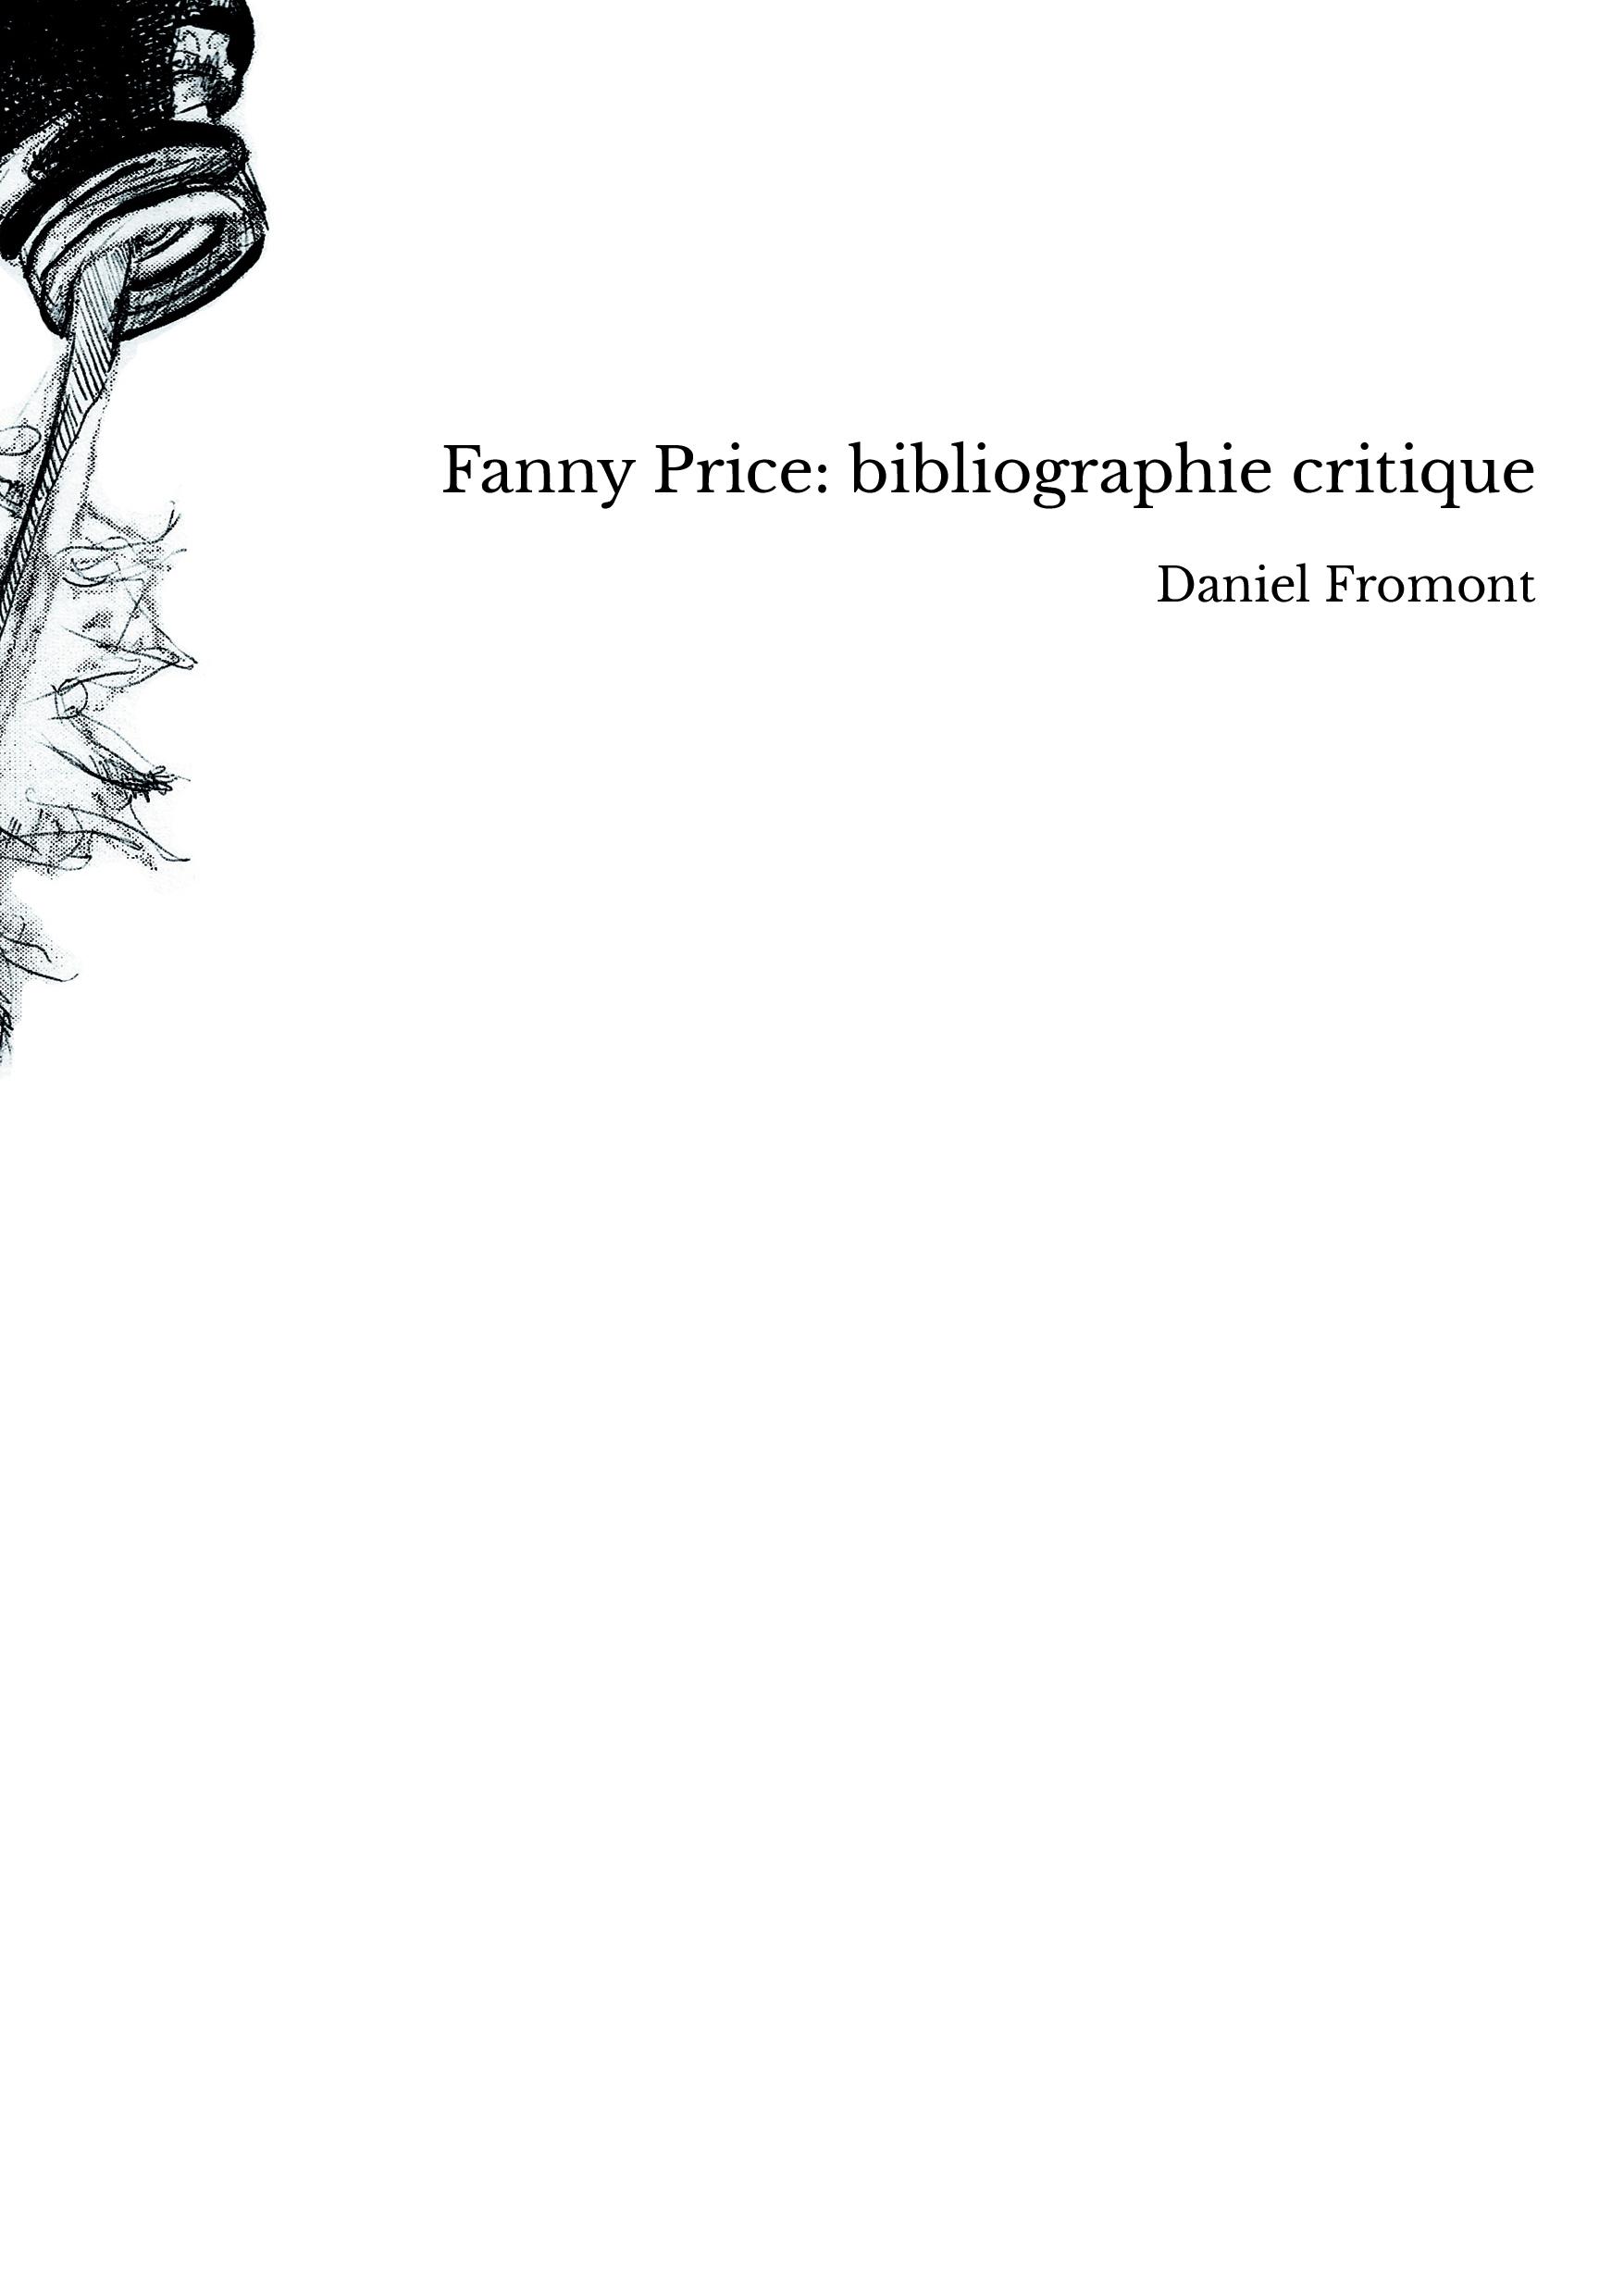 Fanny Price: bibliographie critique